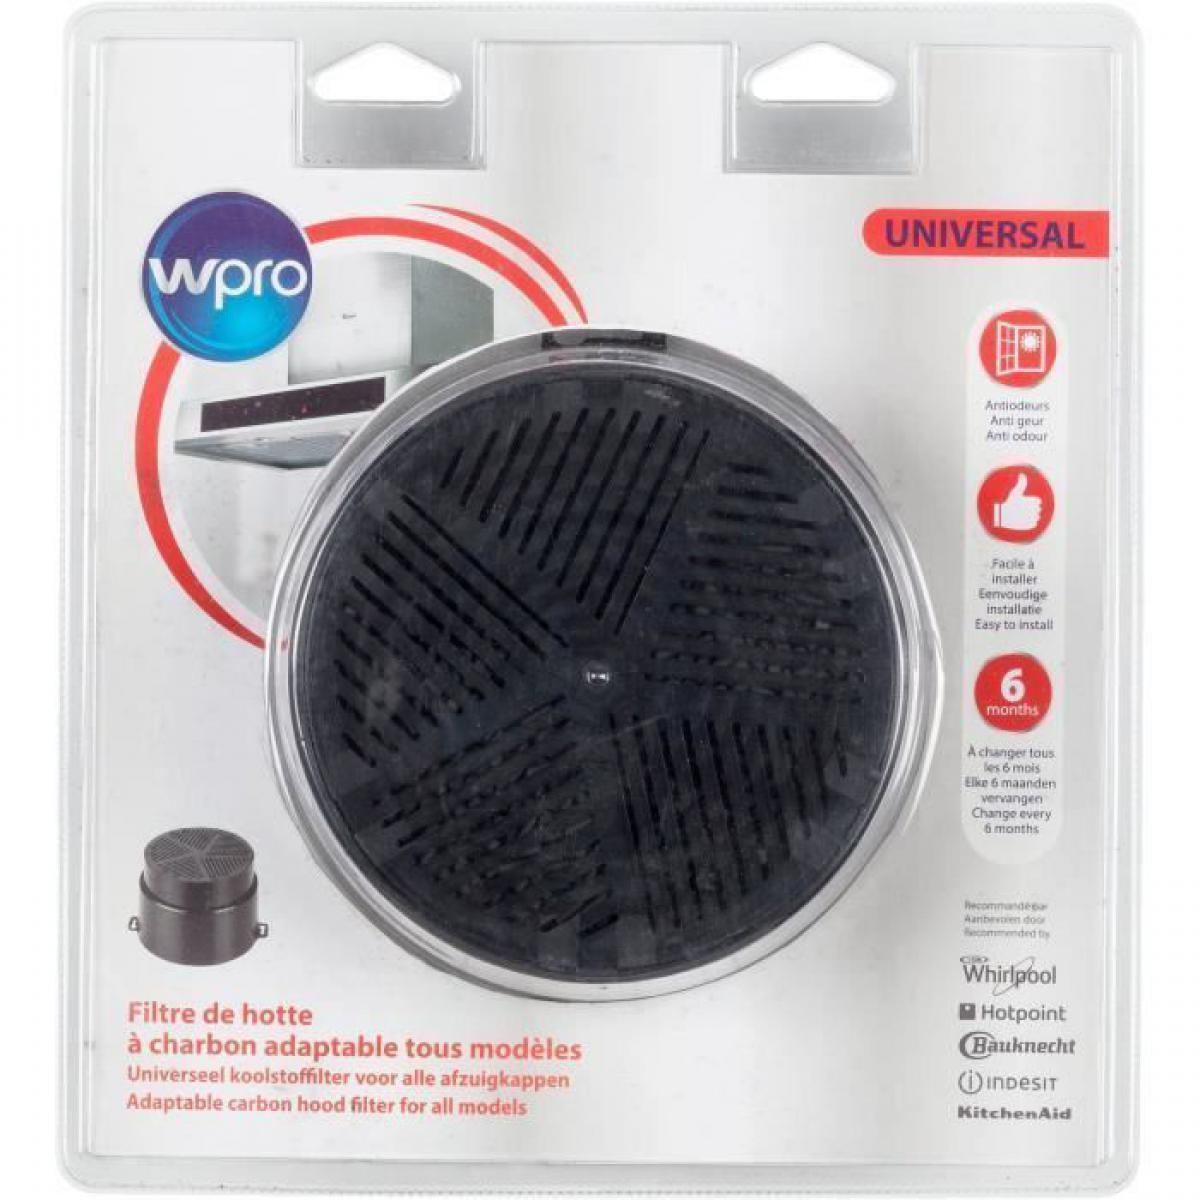 Wpro WPRO UNF001 Filtre de hotte a charbon universel adaptable tous modeles - Diametre 153 mm - Auto-extinguible